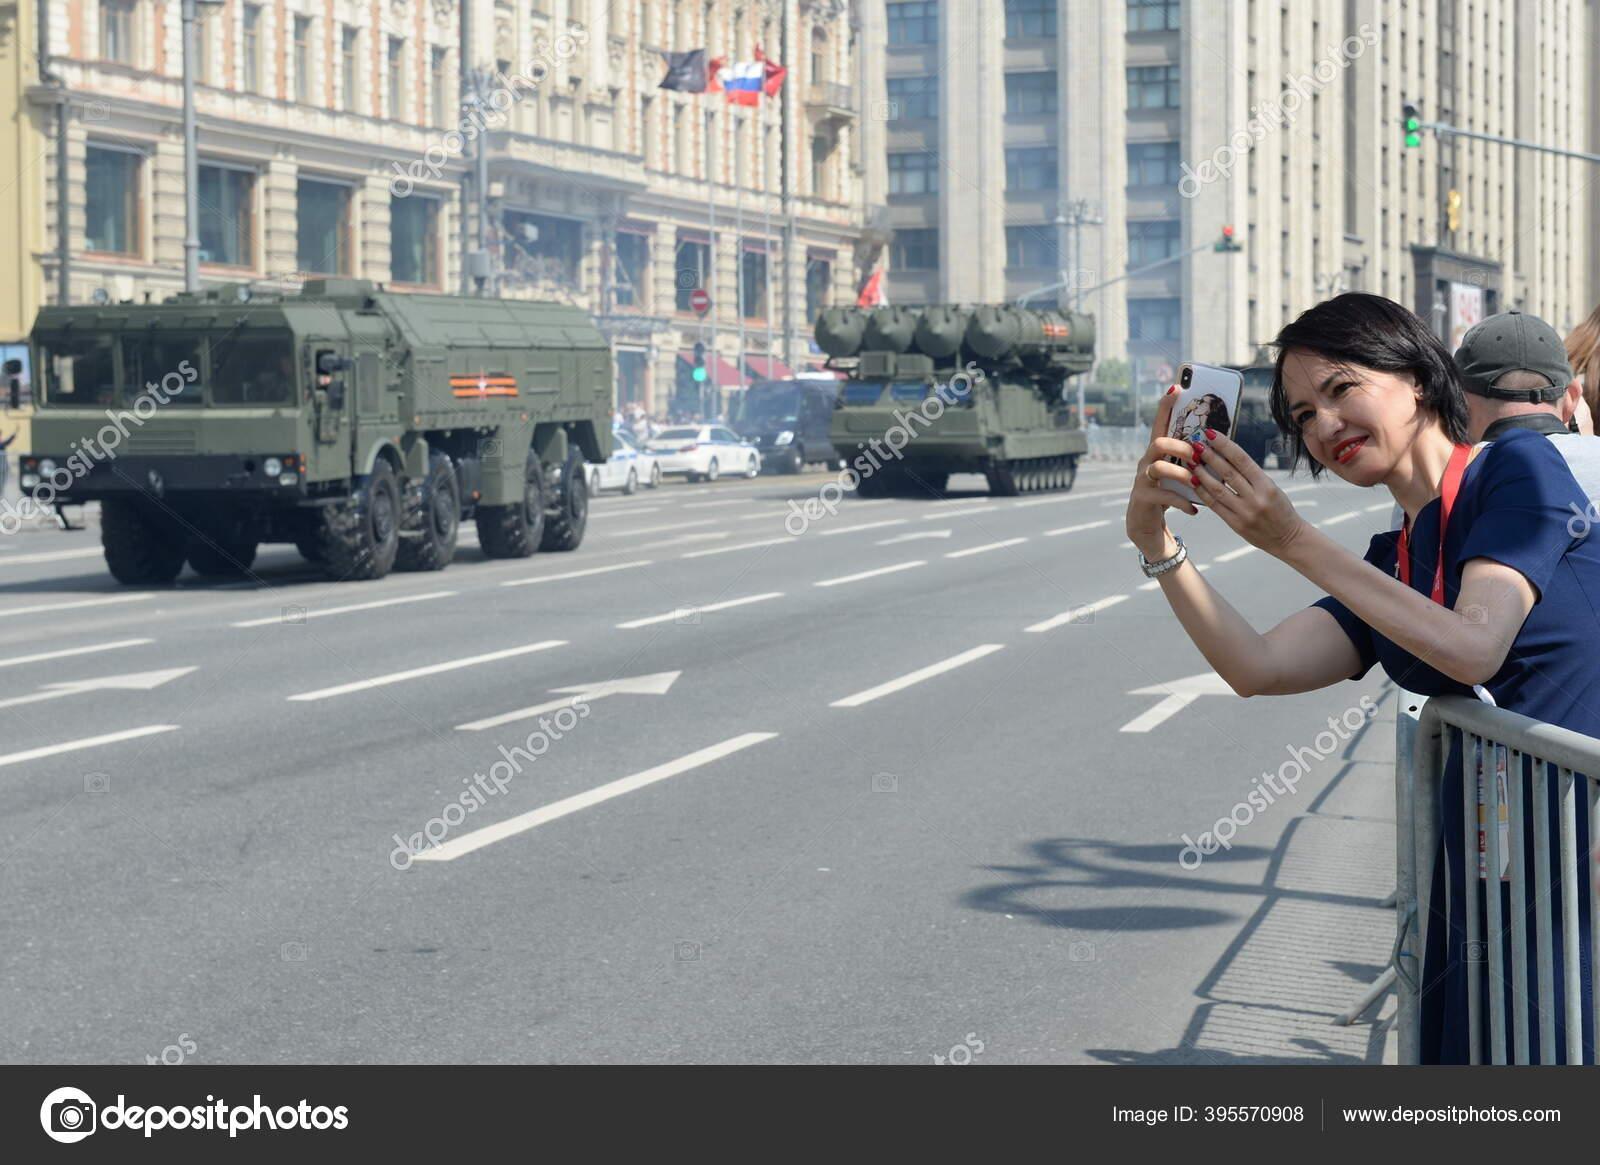 припудриваем можно ли фотографировать военные номера в украине большое колебание температуры